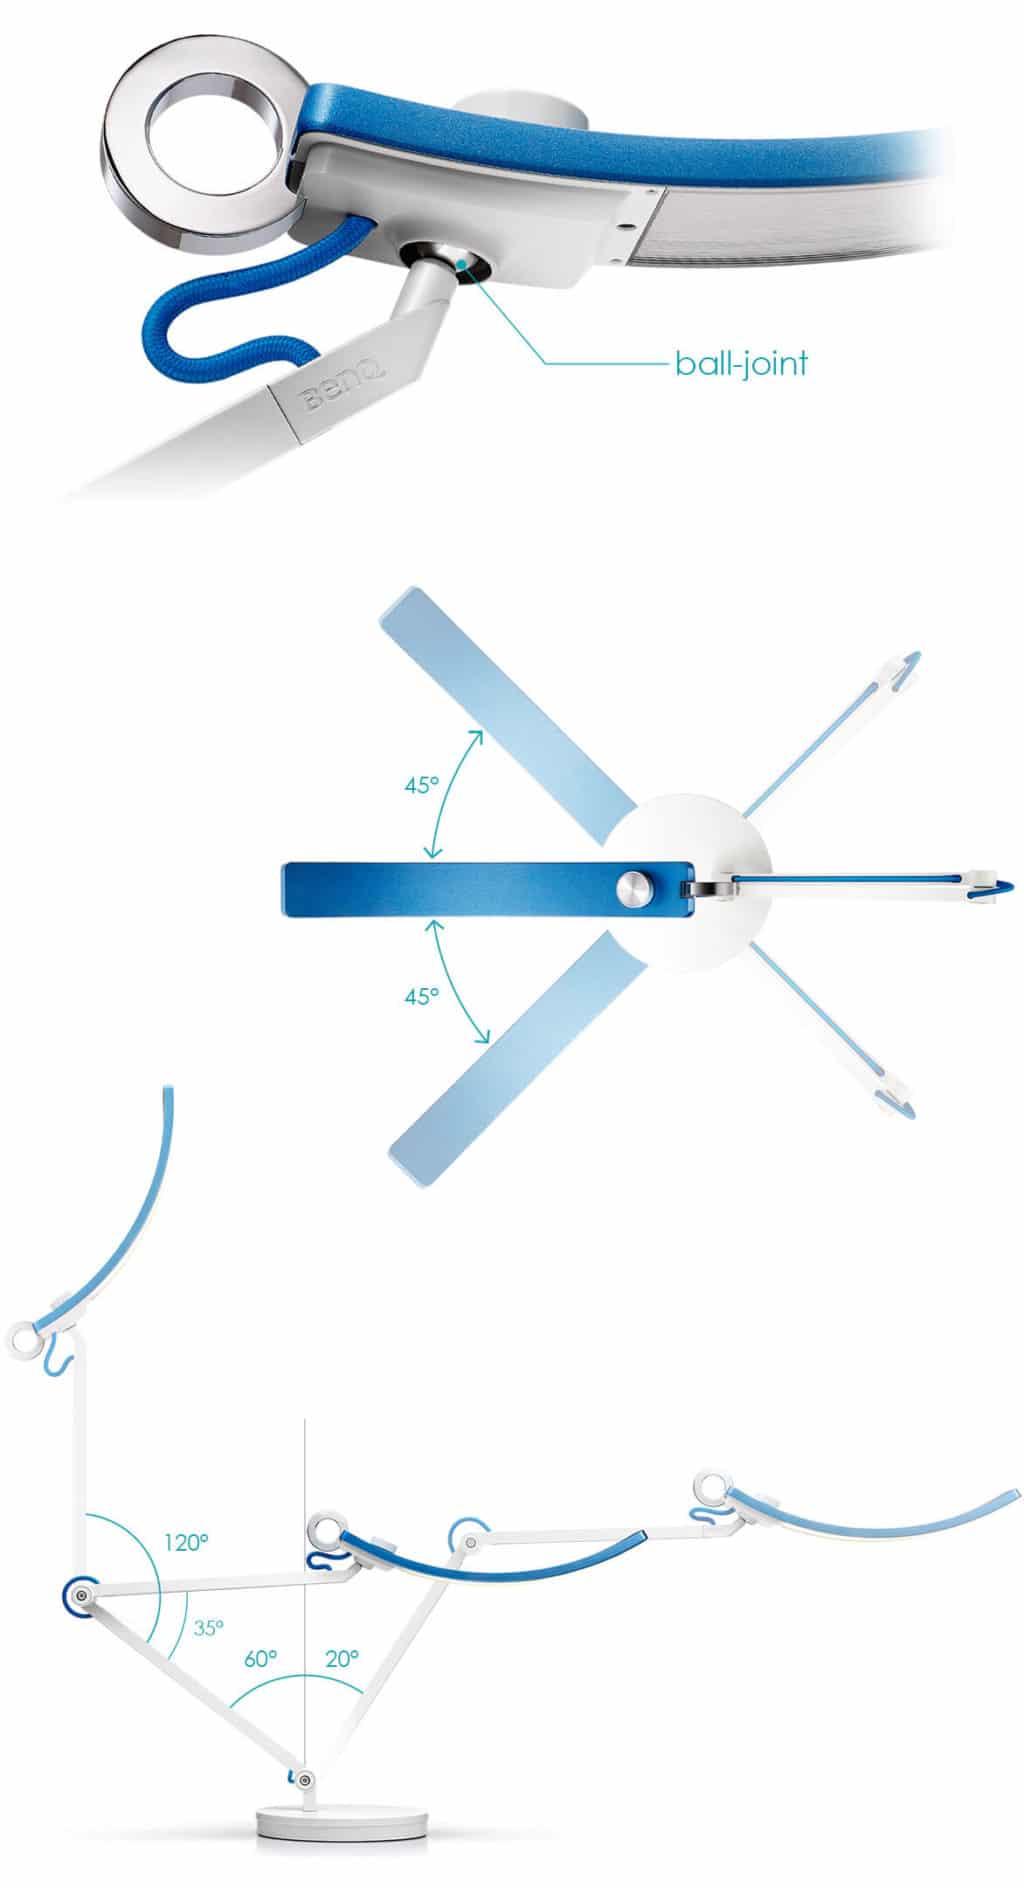 benq-ereading-lamp-flexibility